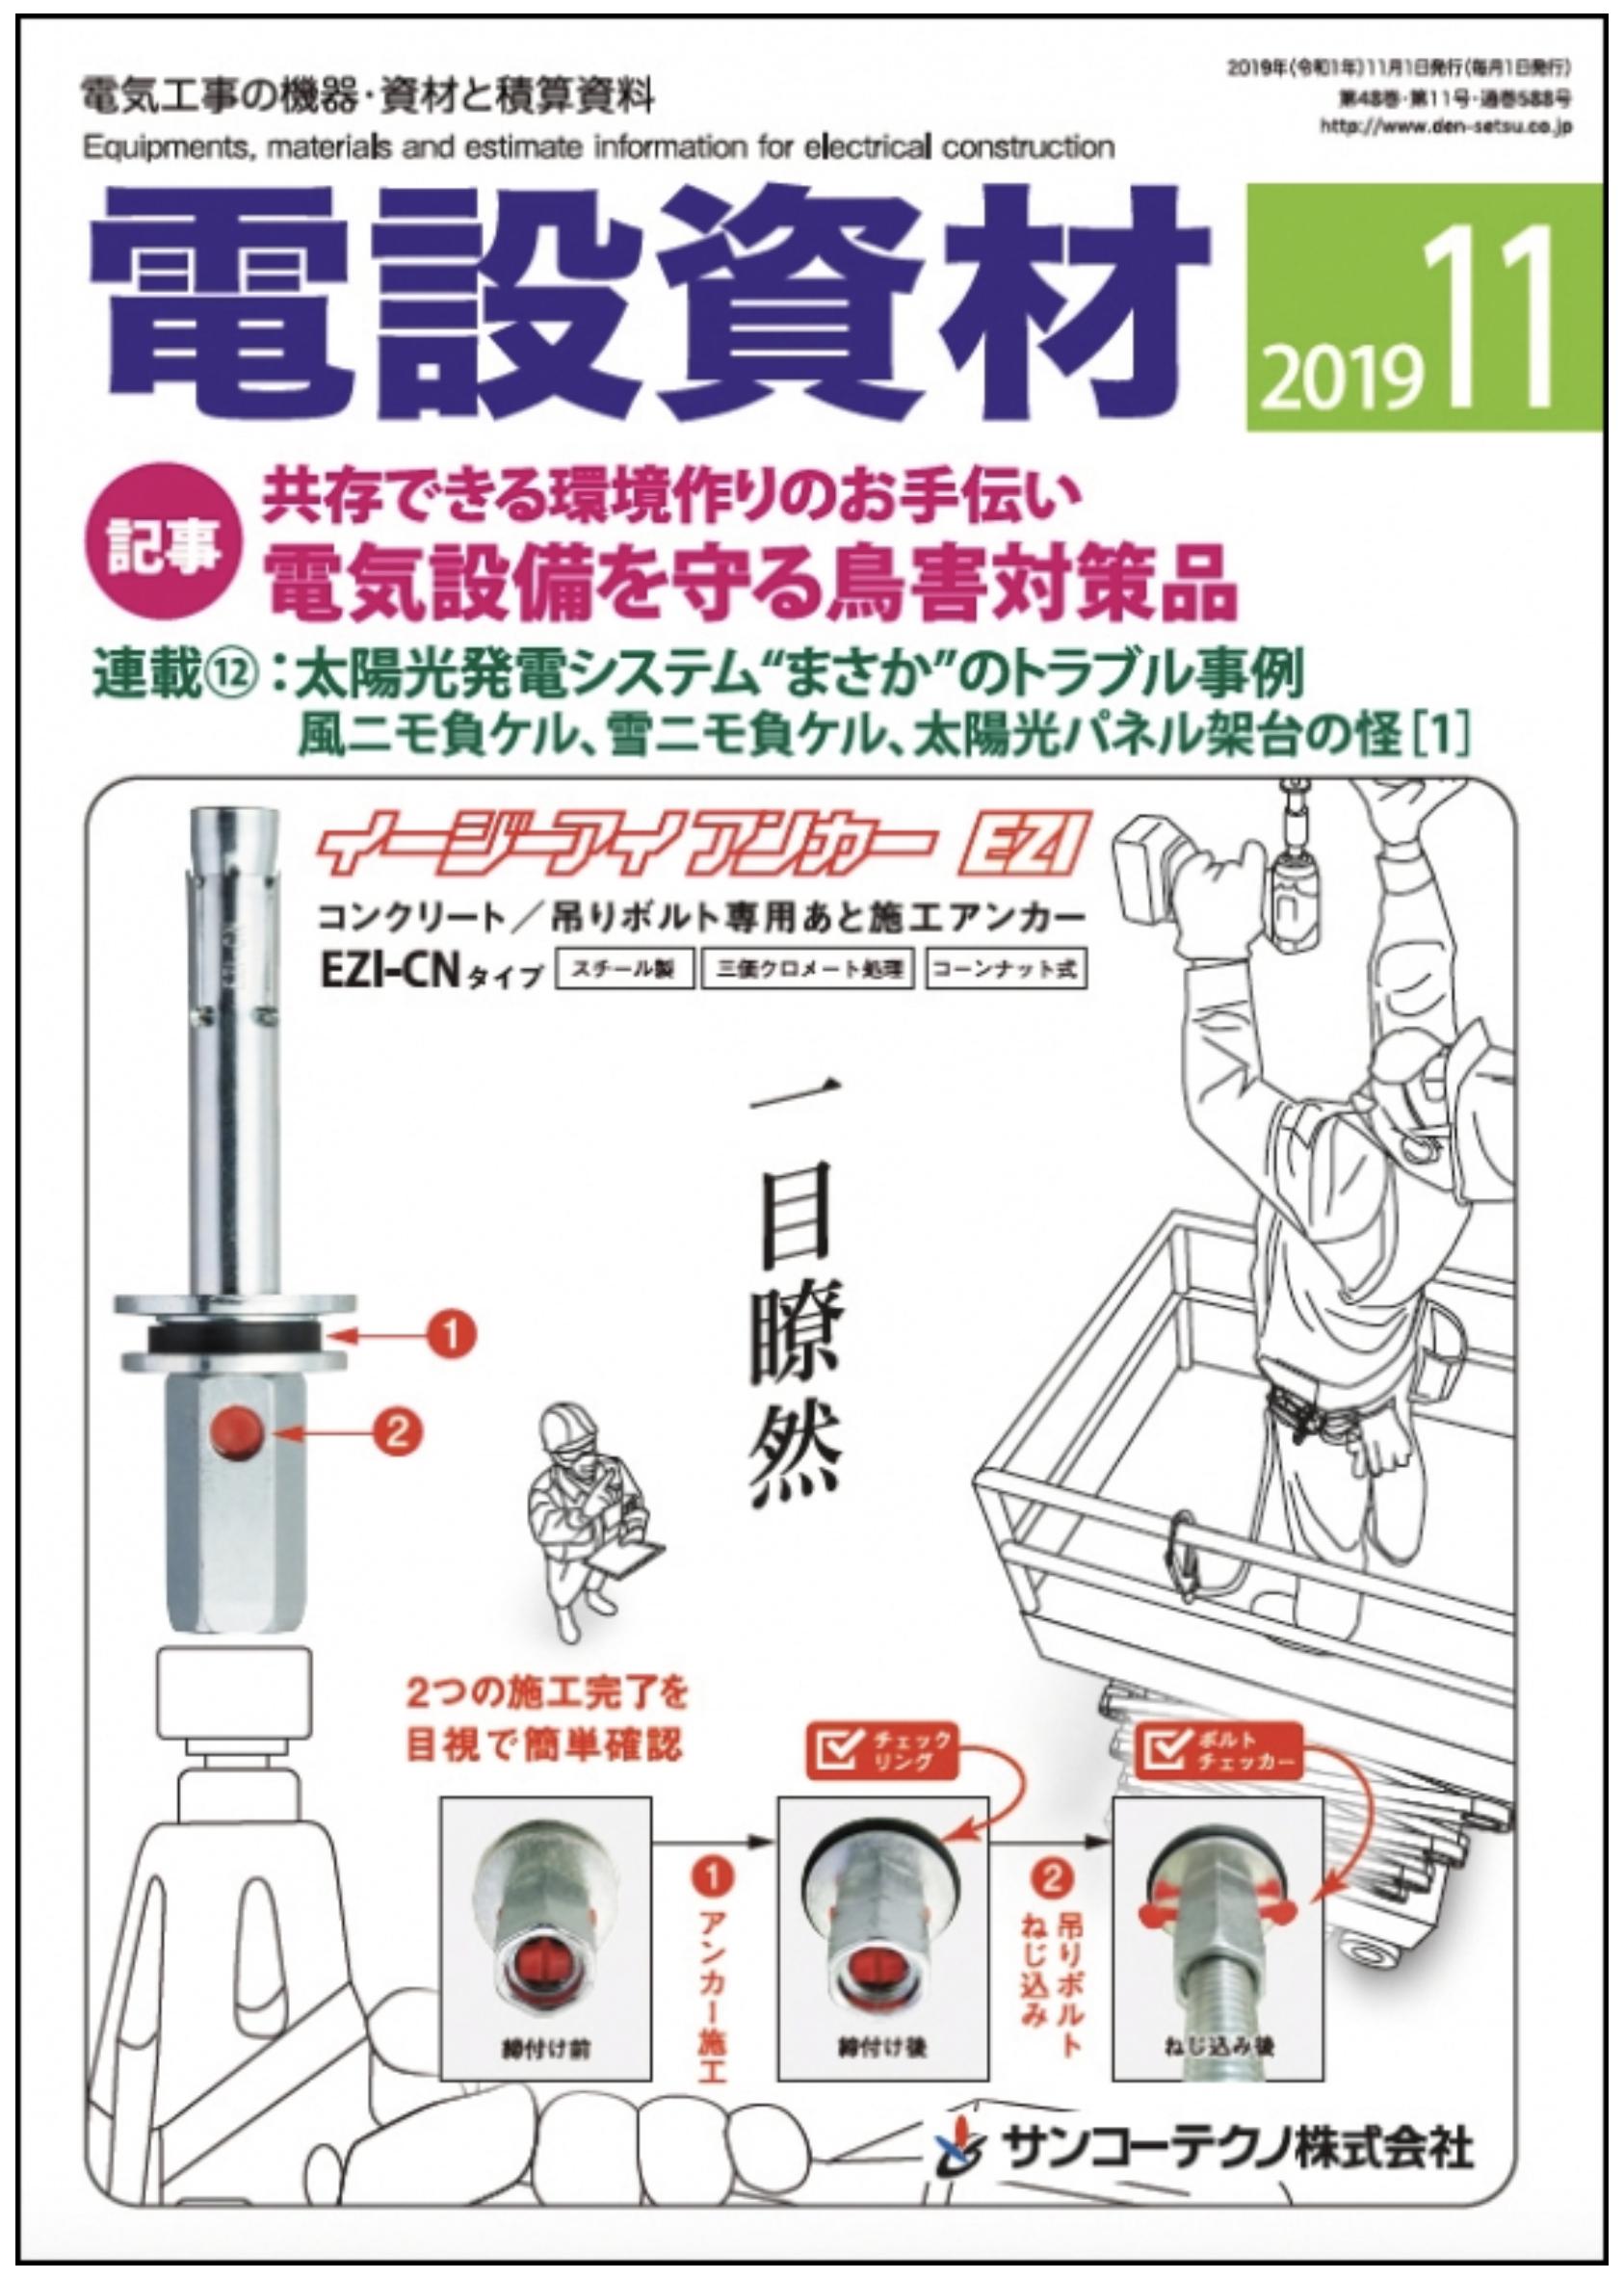 【新刊トピックス 2019年11月】月刊電設資材 2019年11月号の画像